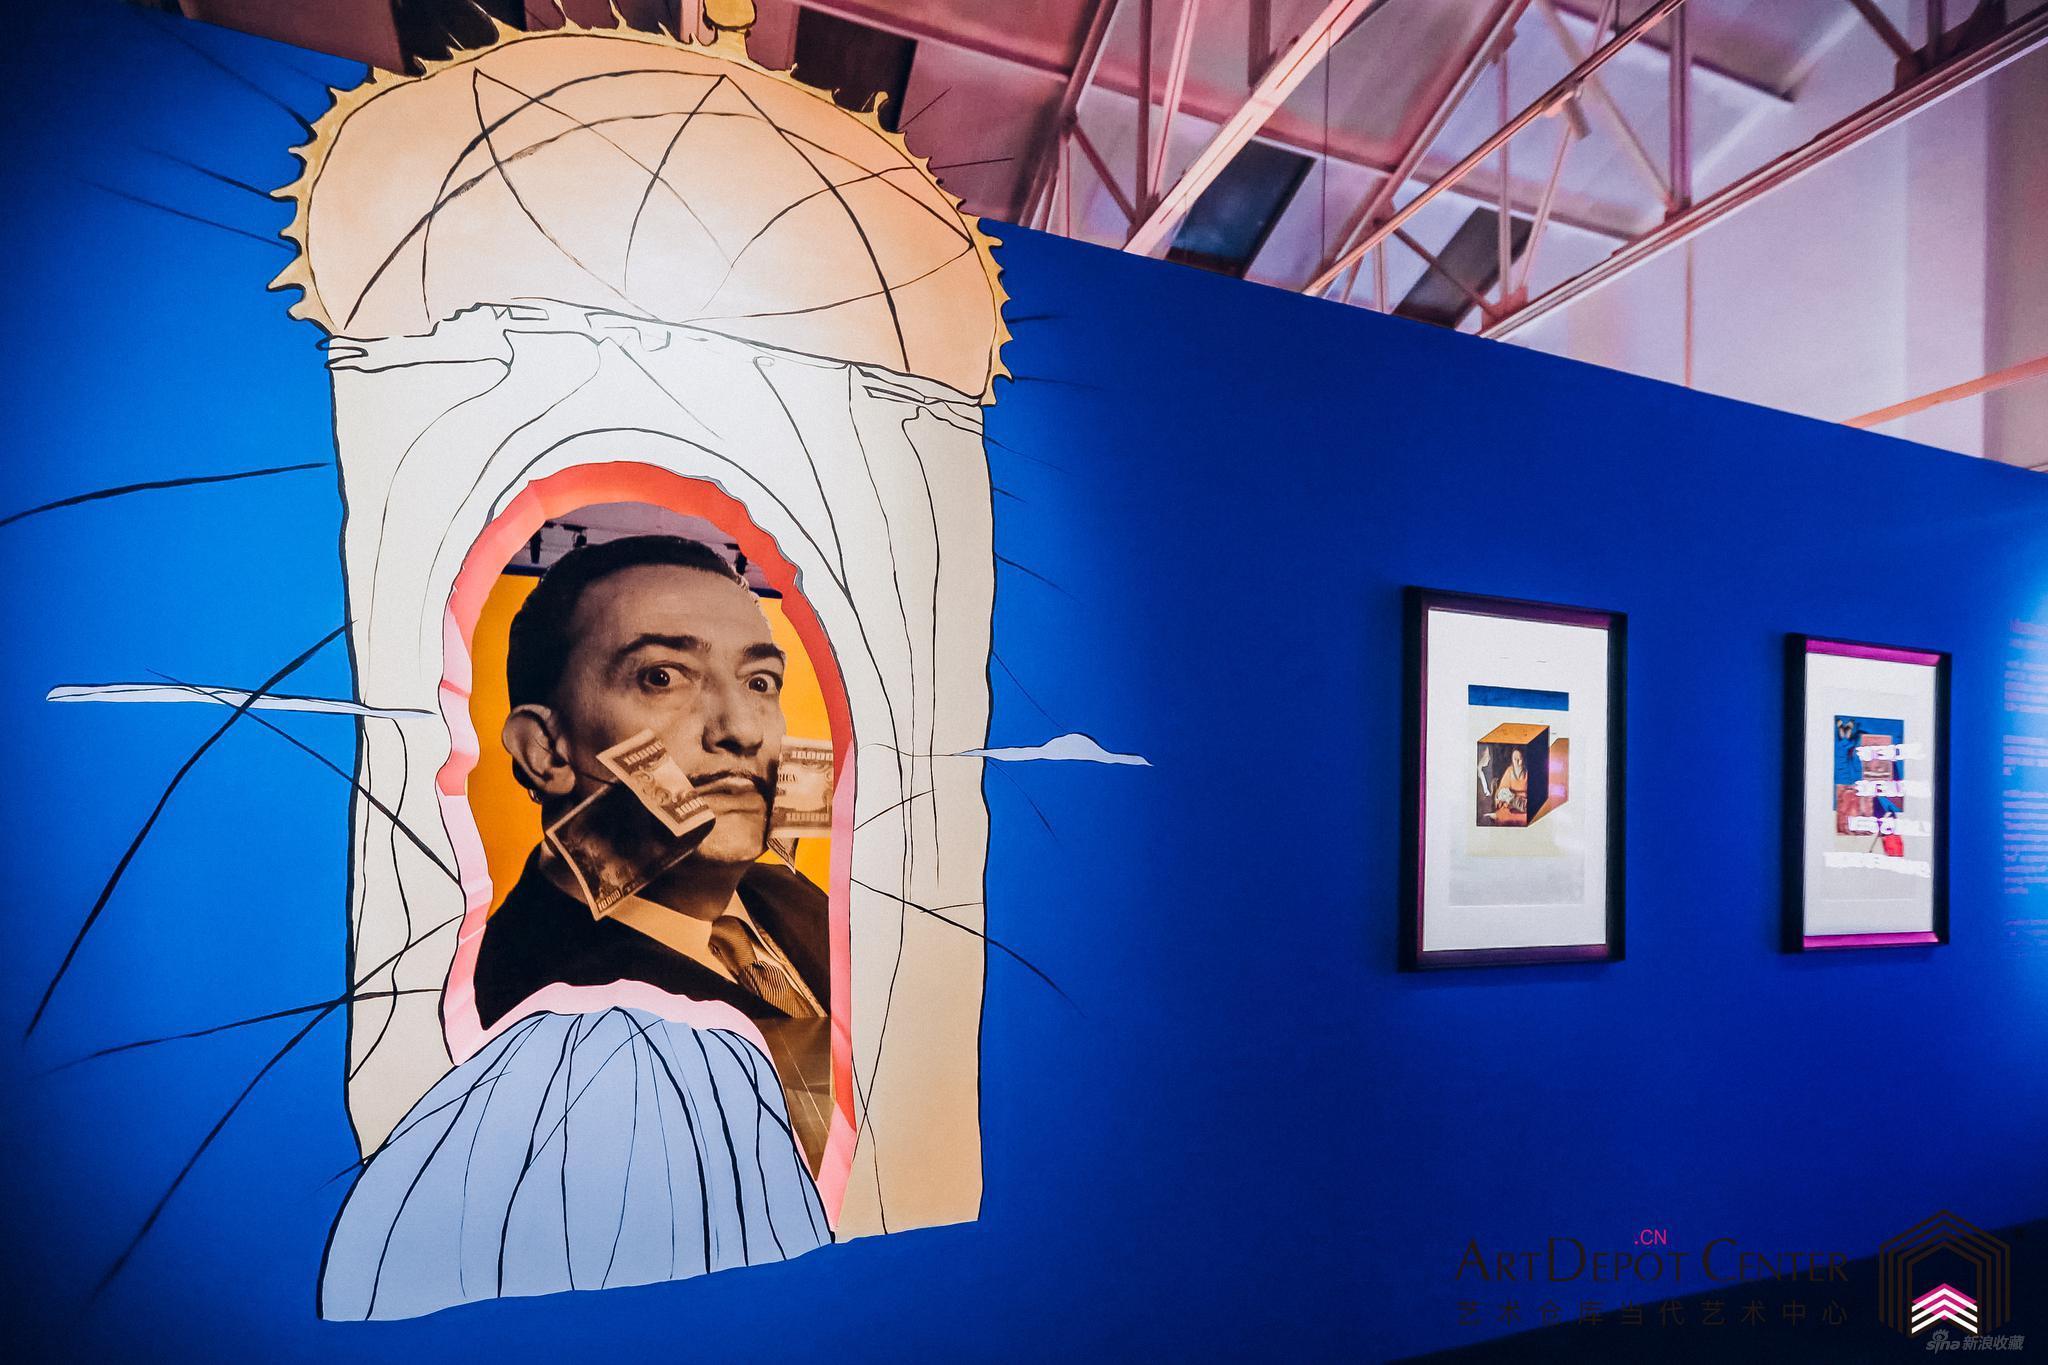 萨拉瓦尔?达利:超现实主义的记忆艺术大展展览现场